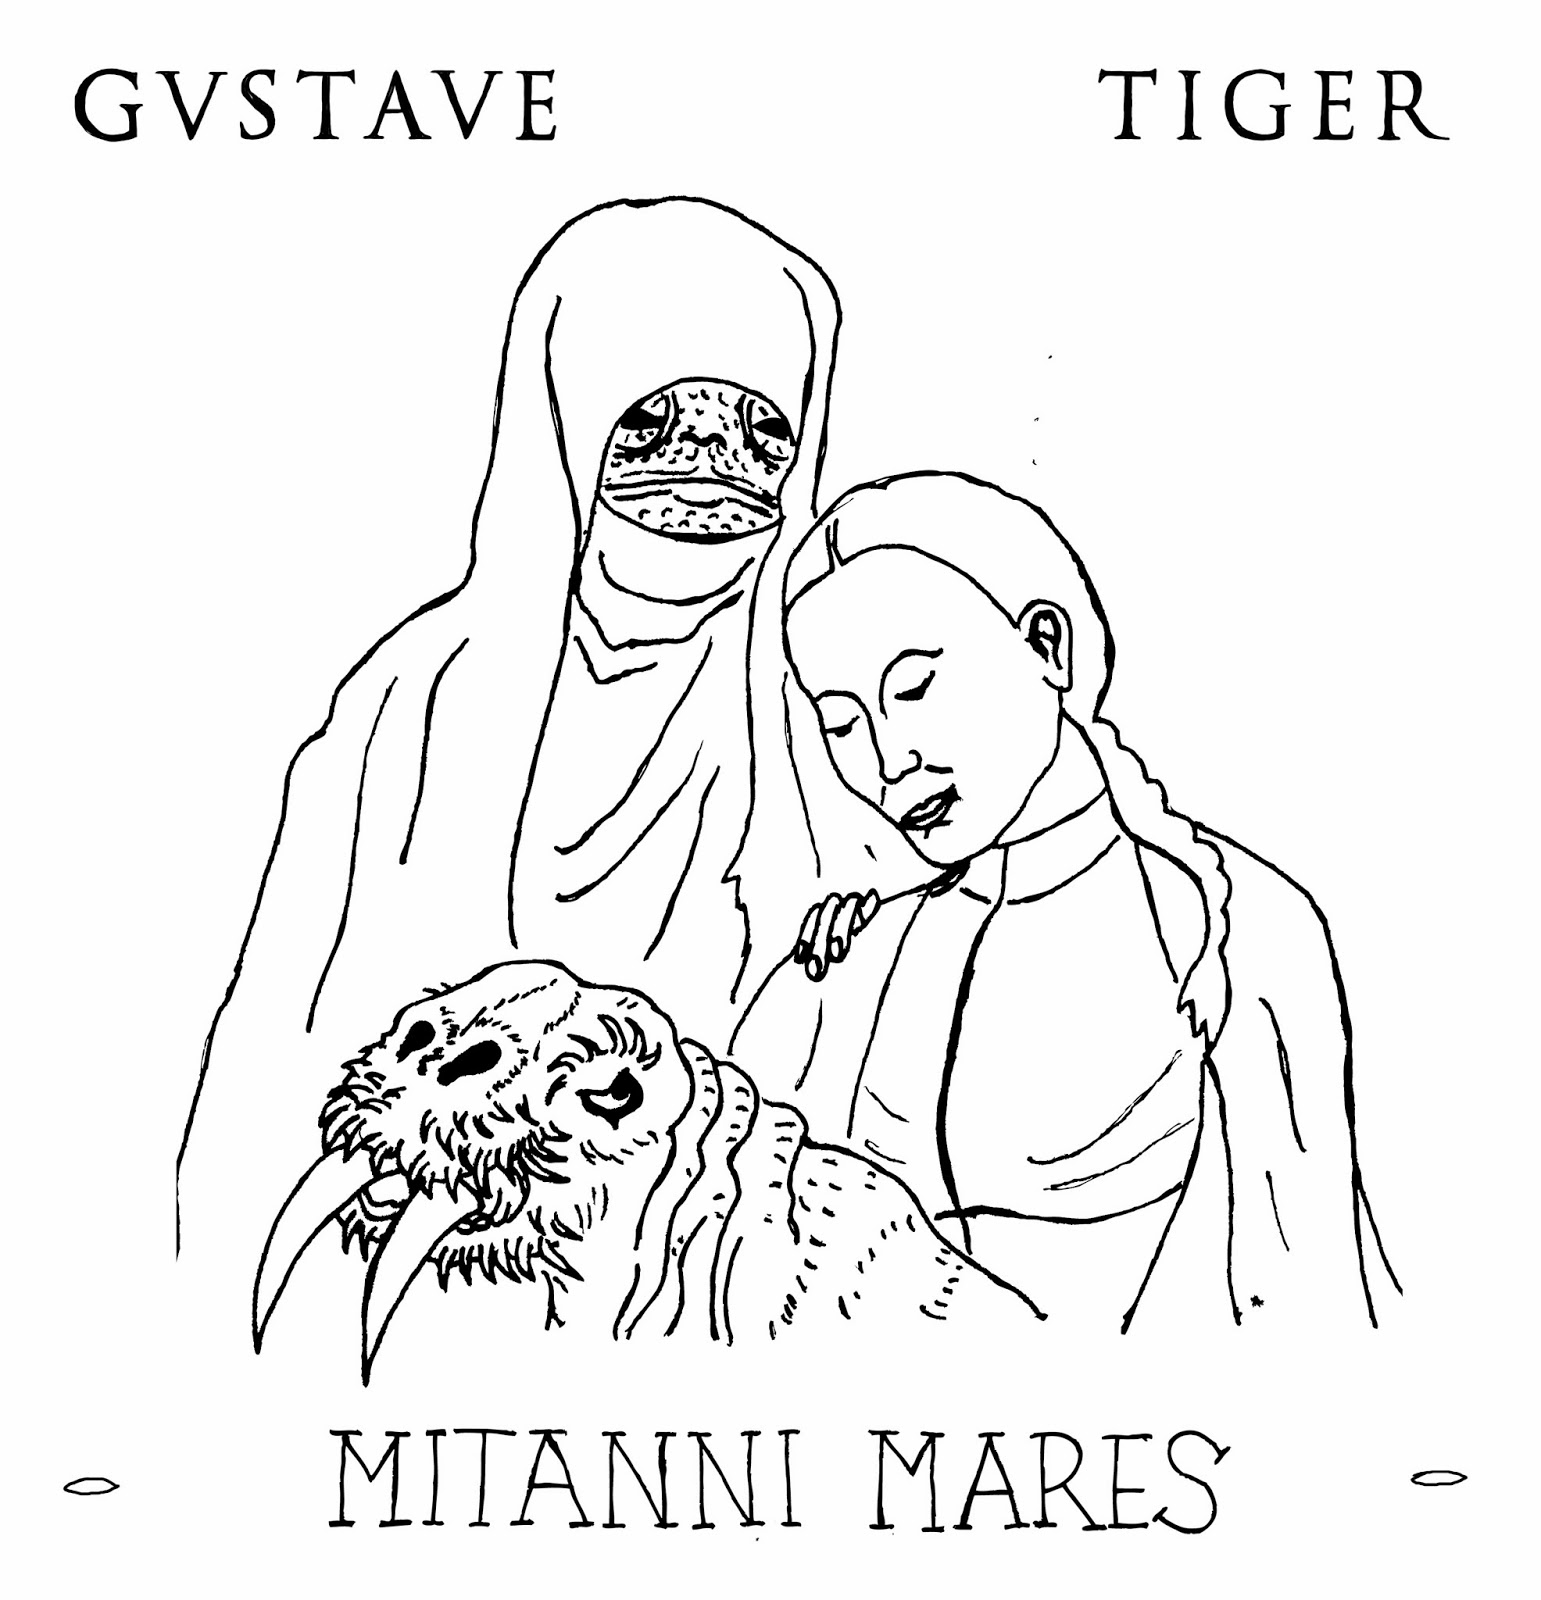 Gustave Tiger - Mitanni Mares